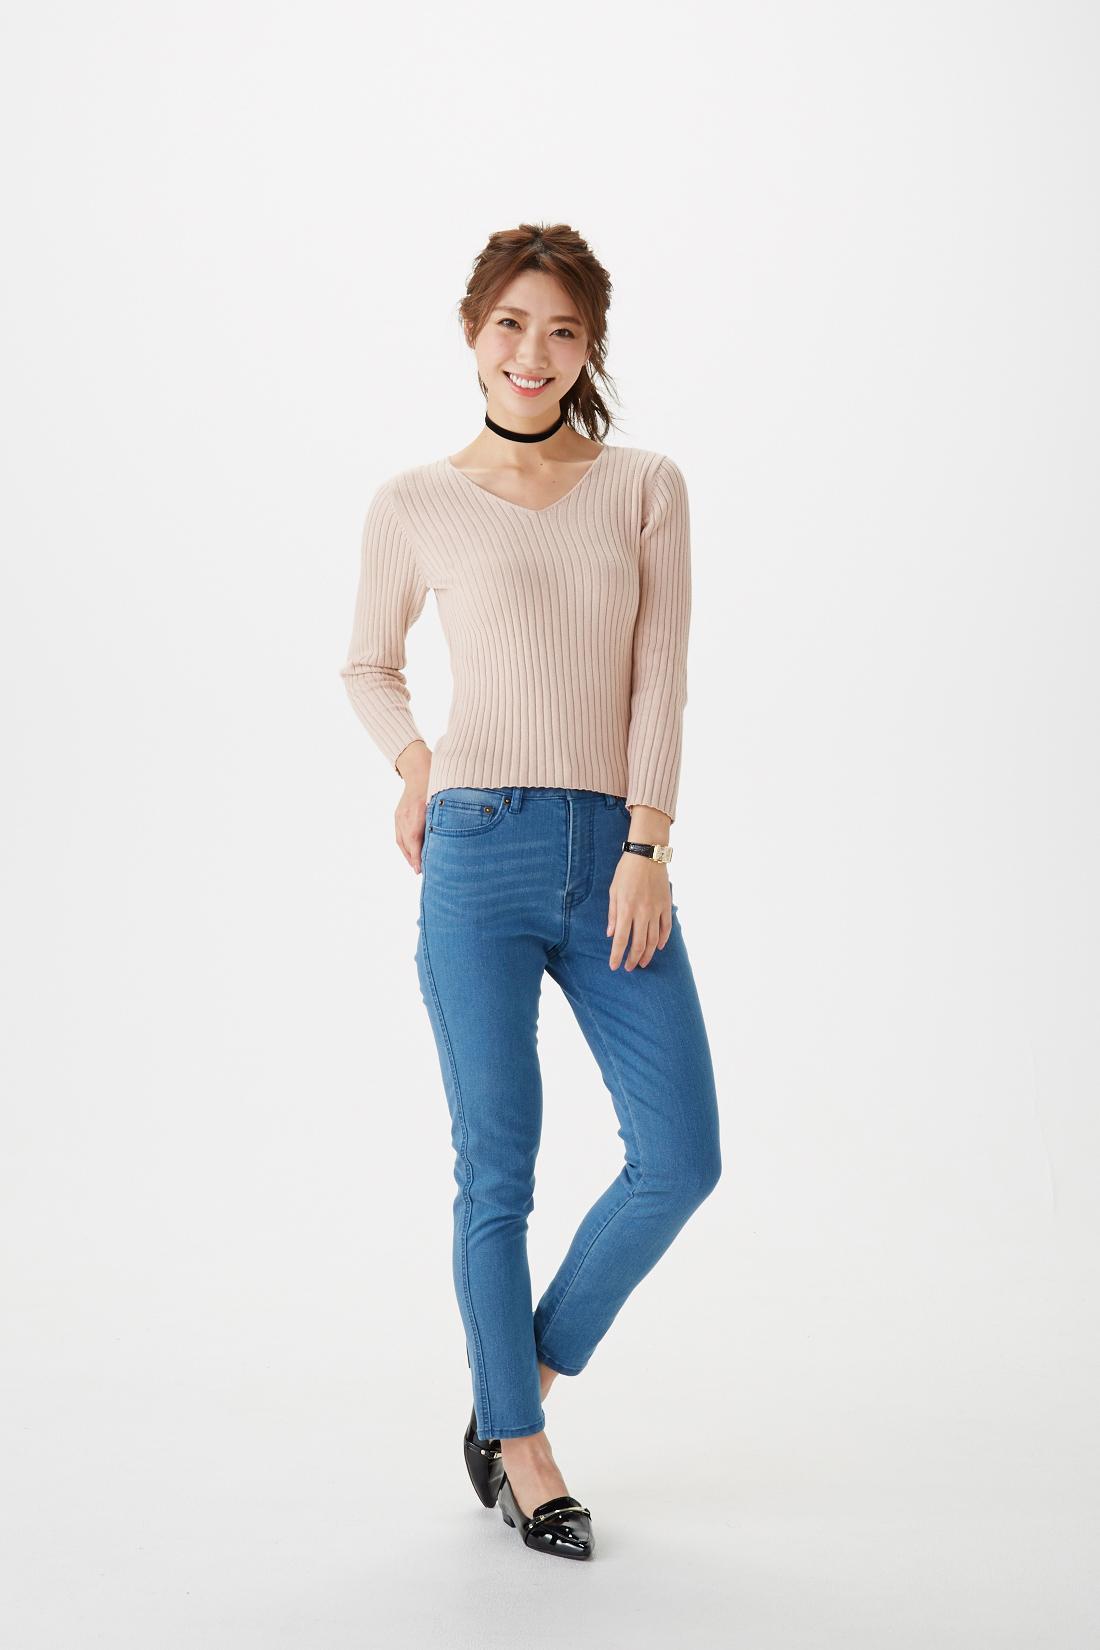 丈感の参考に。(モデル身長:169cm 着用サイズ:M)※着用イメージです。お届けするカラーとは異なります。